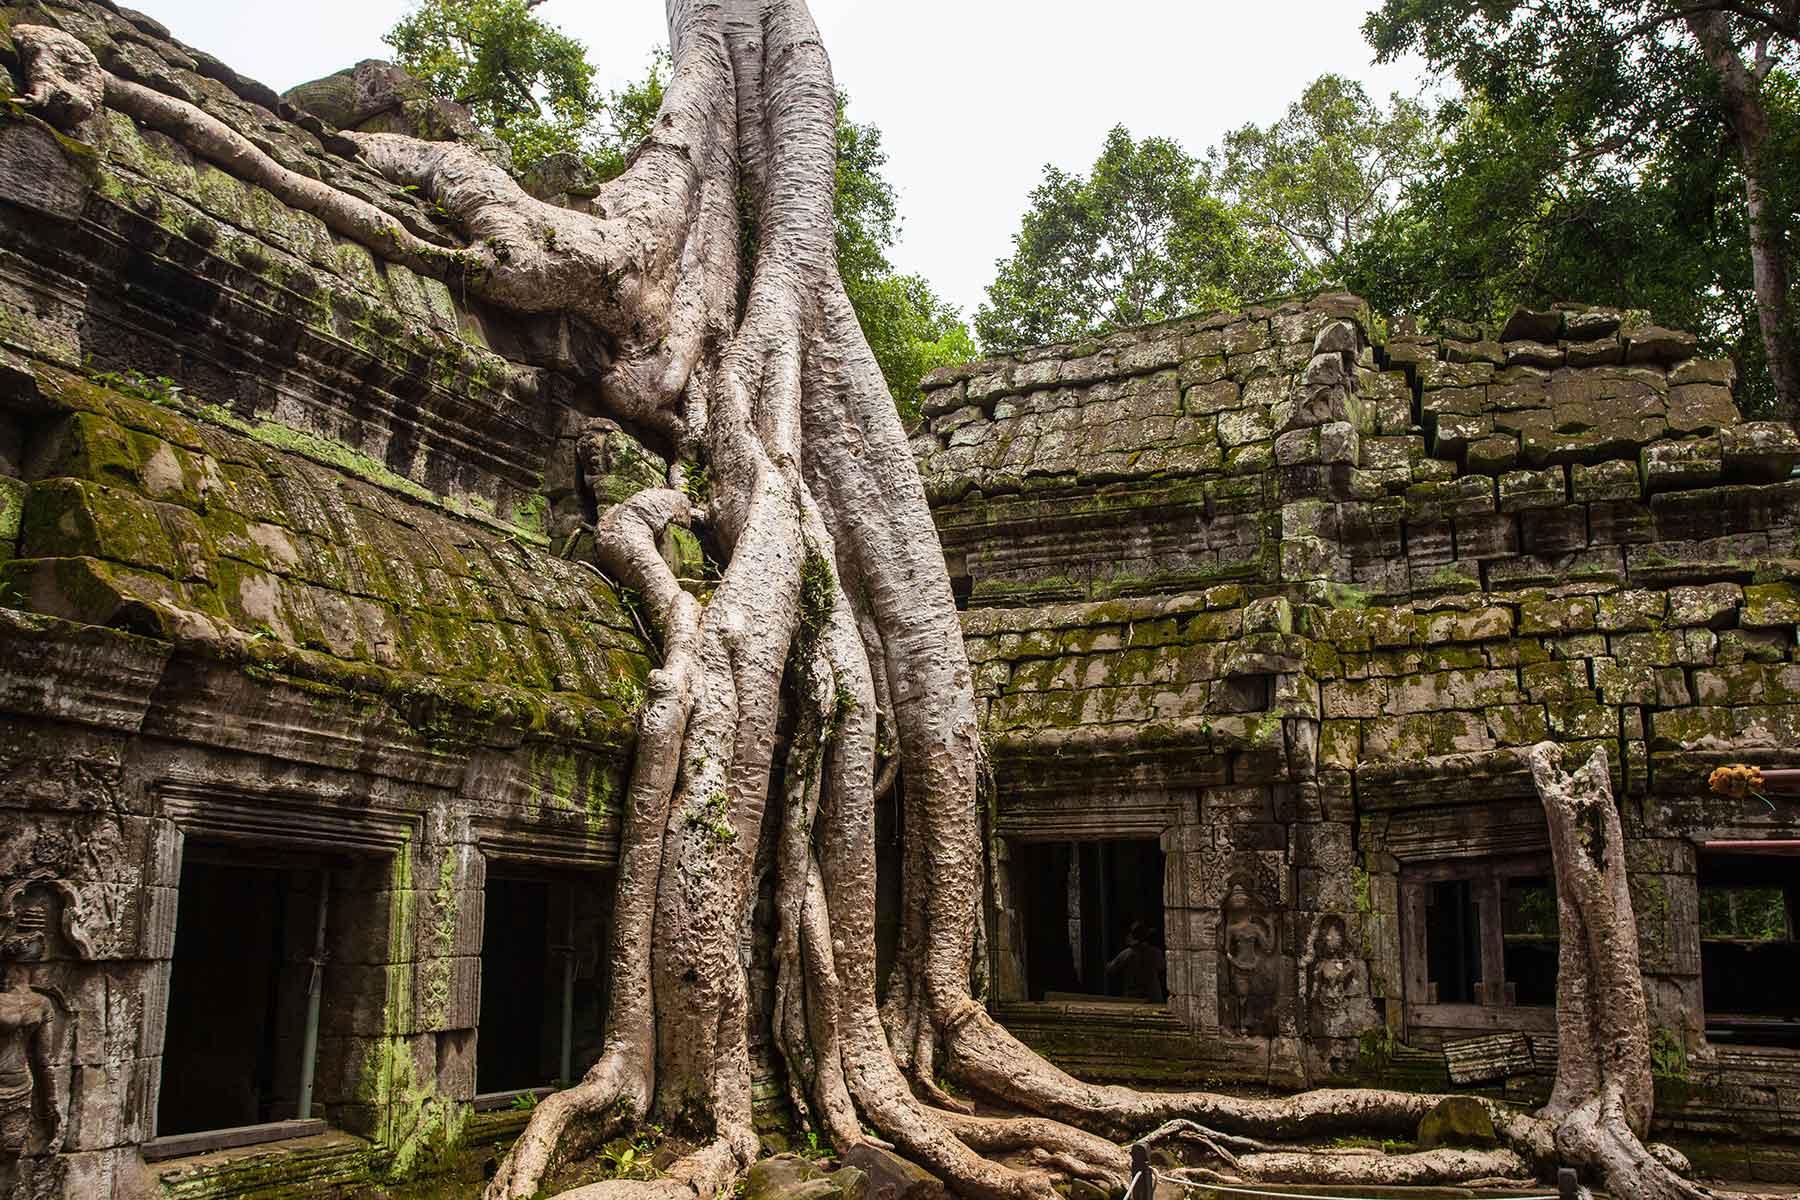 Rundresa-i-Kambodja-med-Angkor-Wat---Nygren-&-Lind-resebyrå---träden